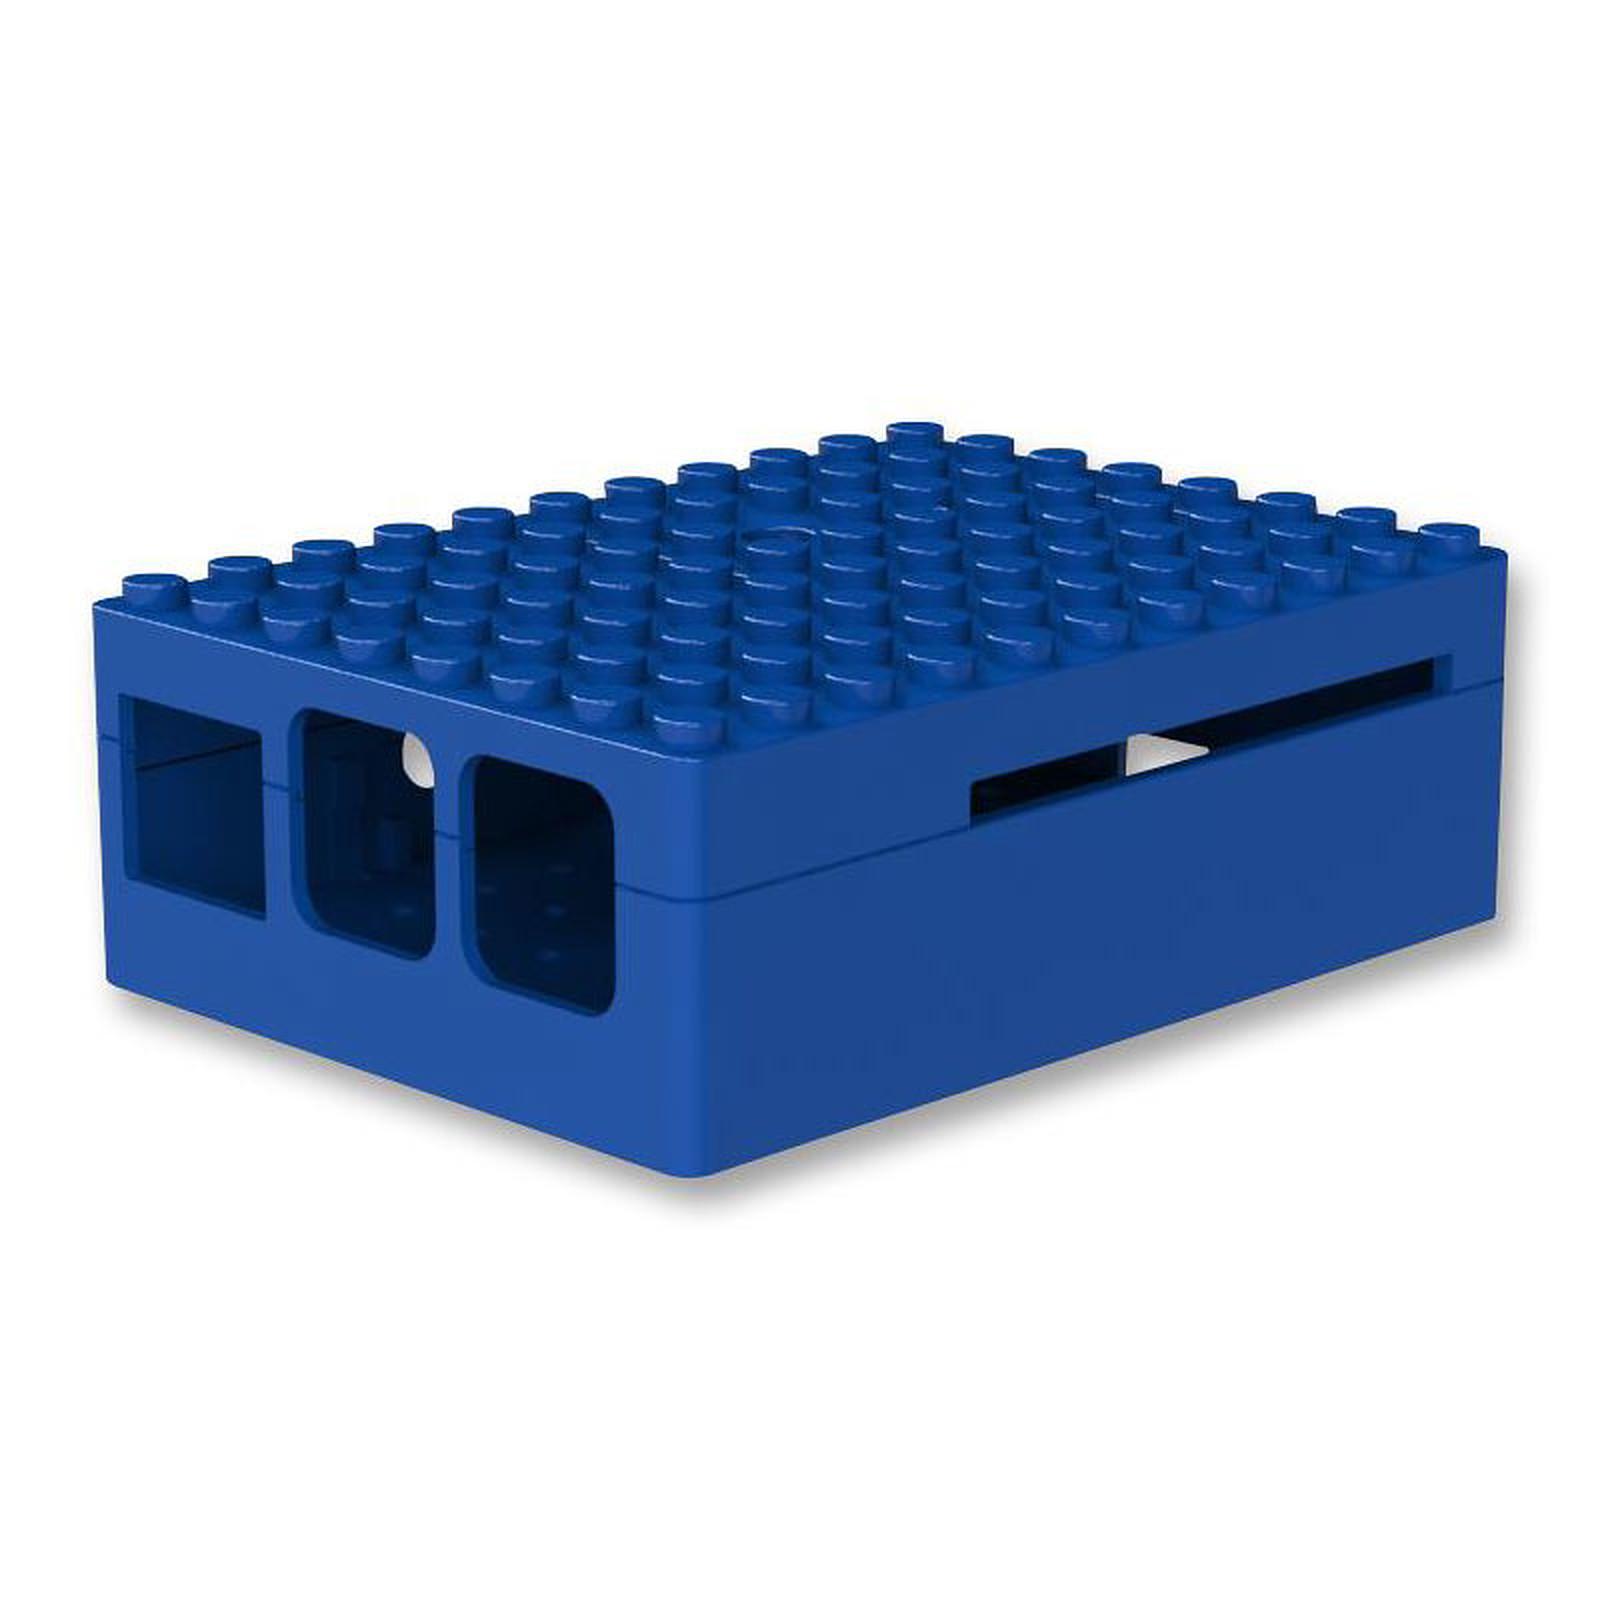 Multicomp Pi-Blox boitier pour Raspberry Pi 1 Model B+, Pi 2/3 (bleu)